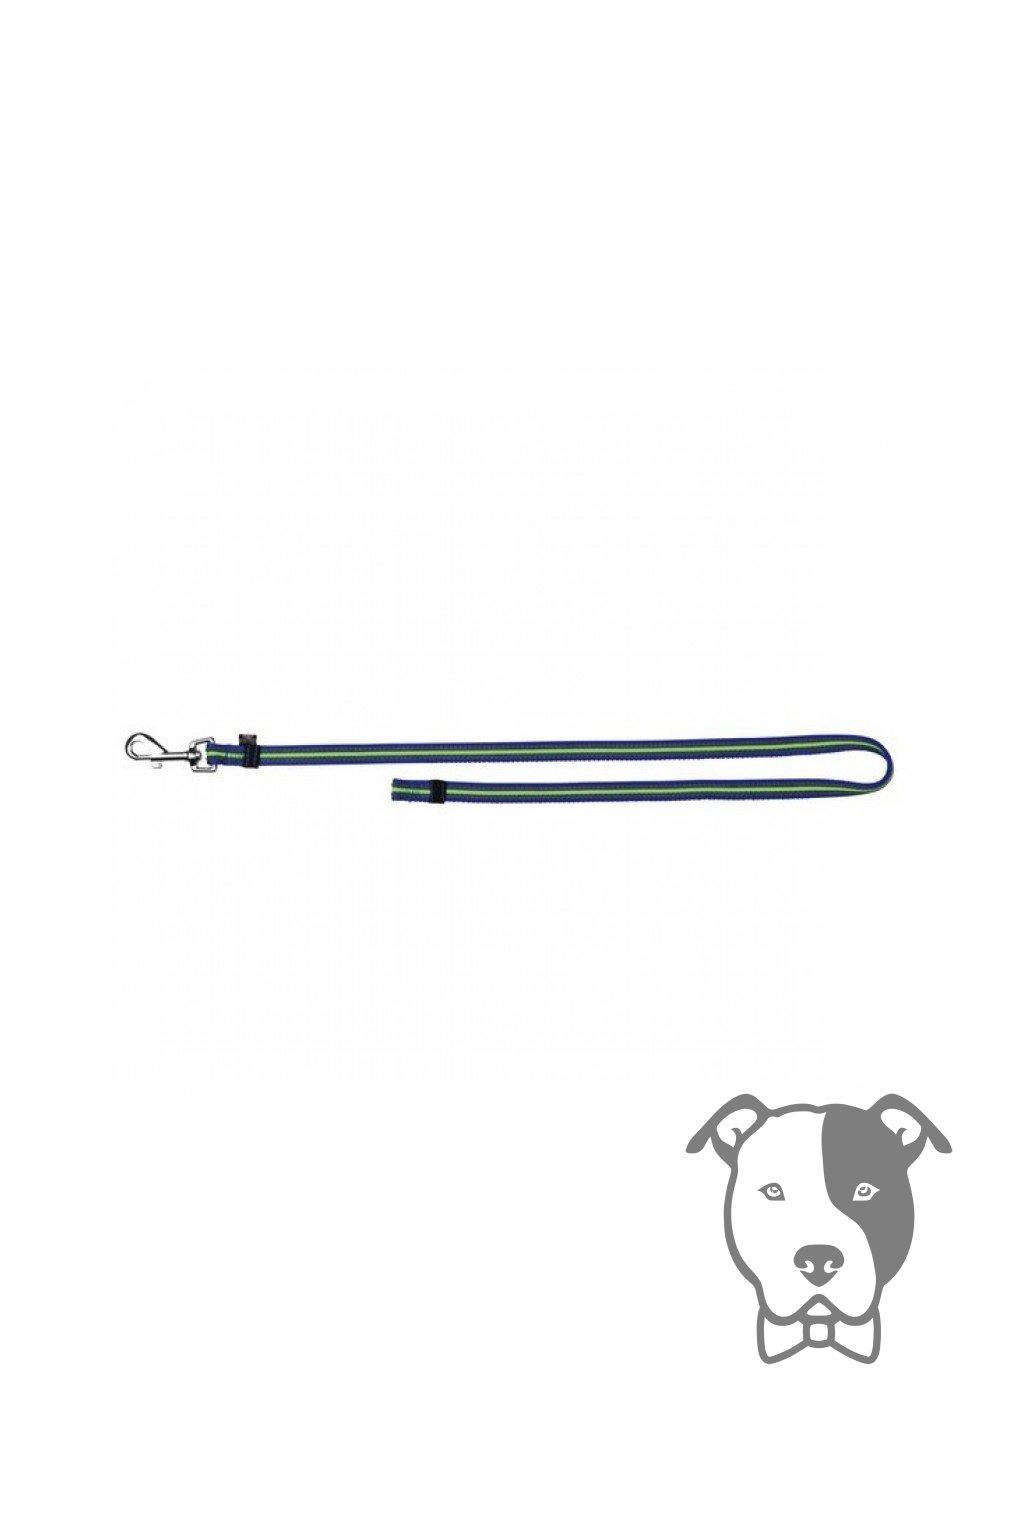 Tréninková couračka Grip pogumovaná 1m - Trixie